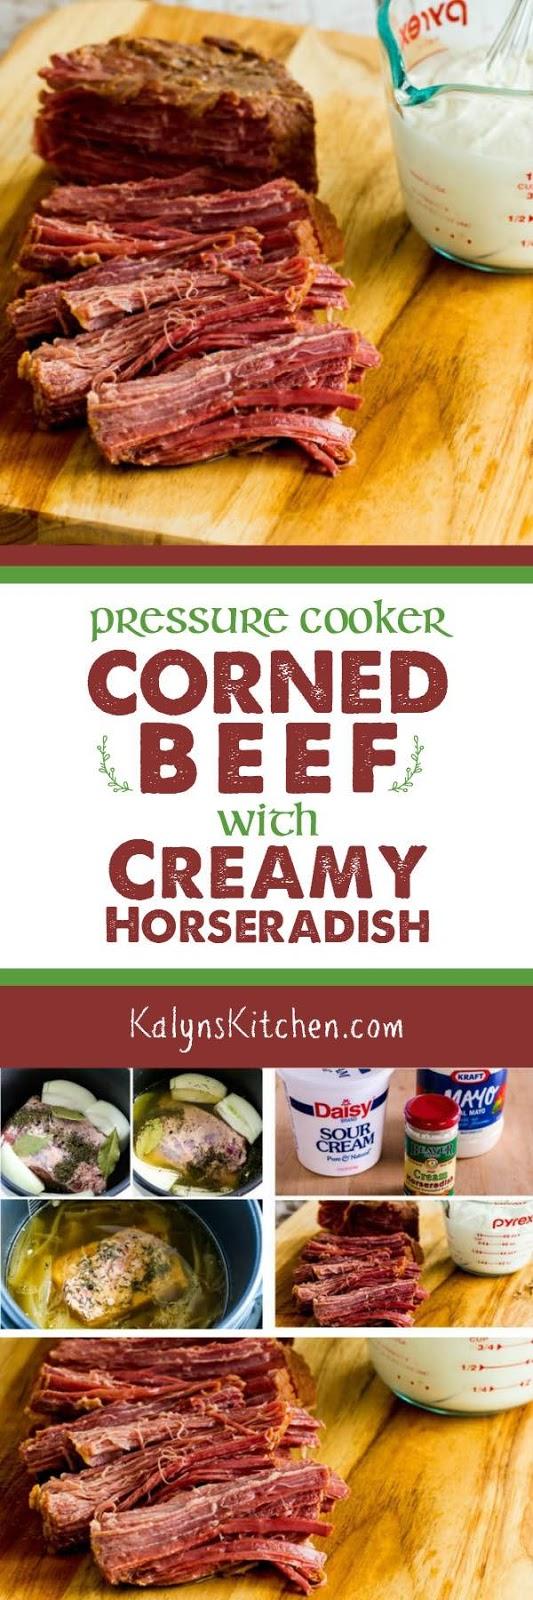 corned beef sauce horseradish